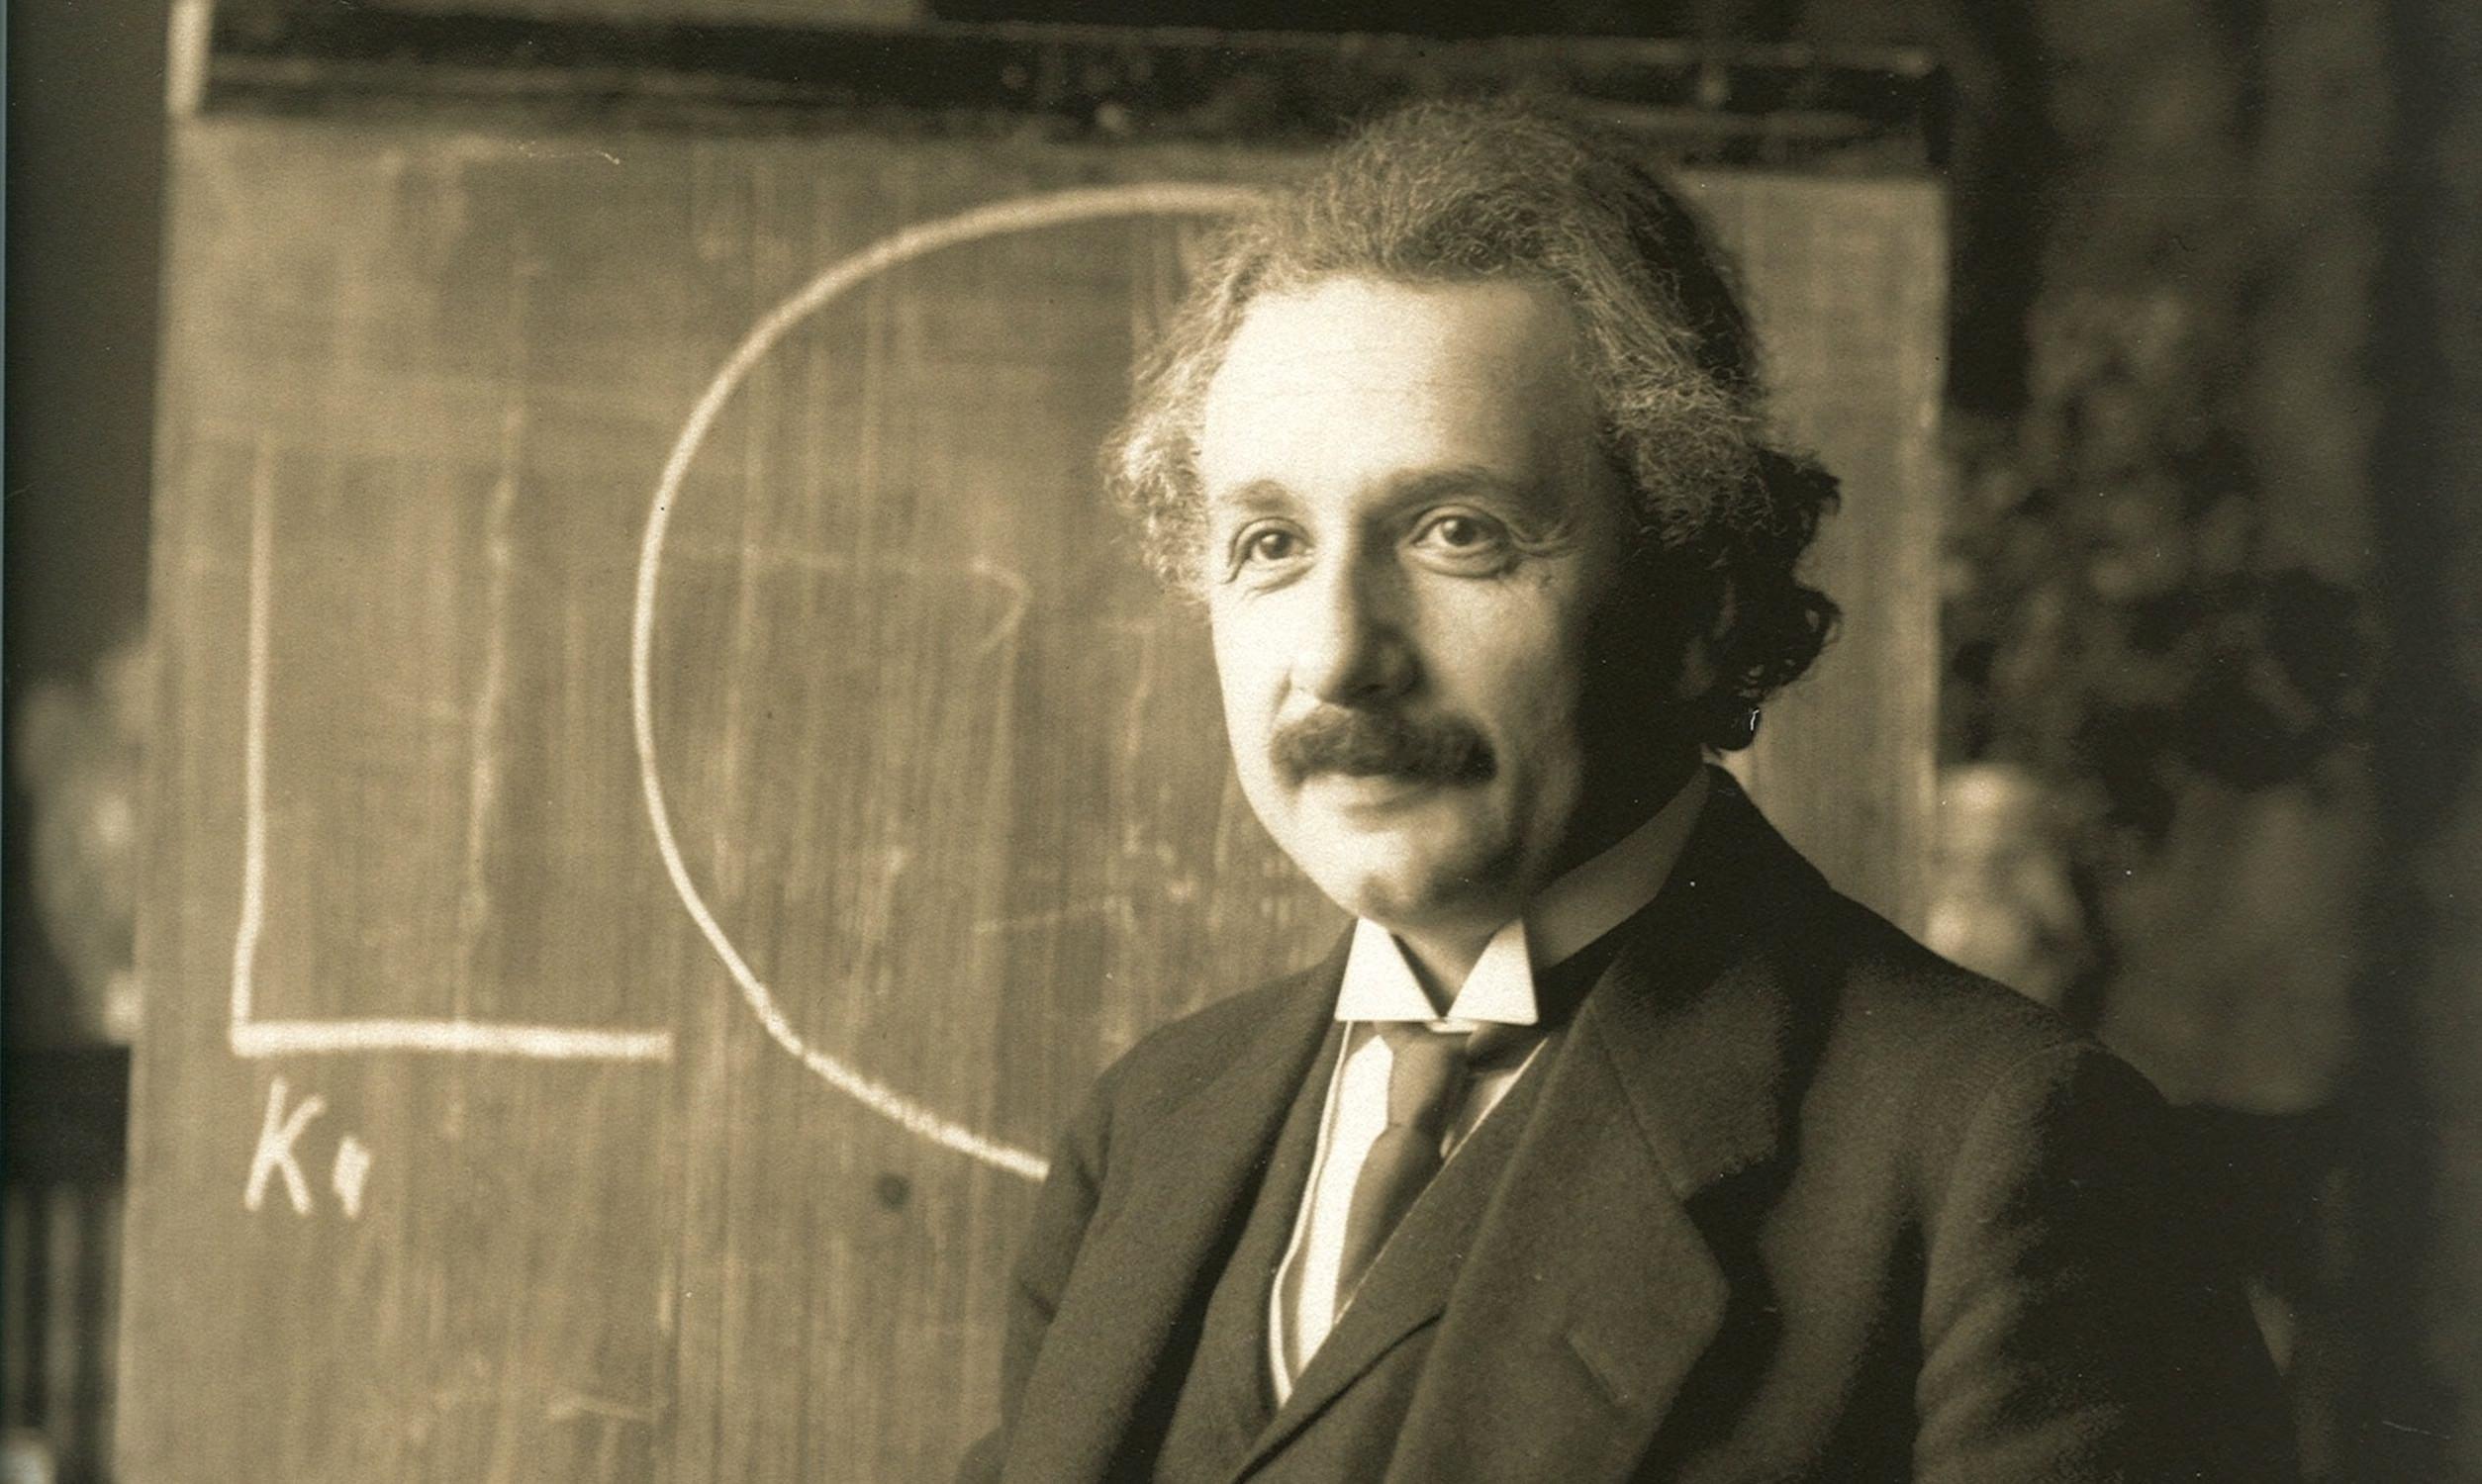 Menjadi 'Jenius' dengan 'Meminjam' Tubuh Einstein, Bagaimana Caranya?